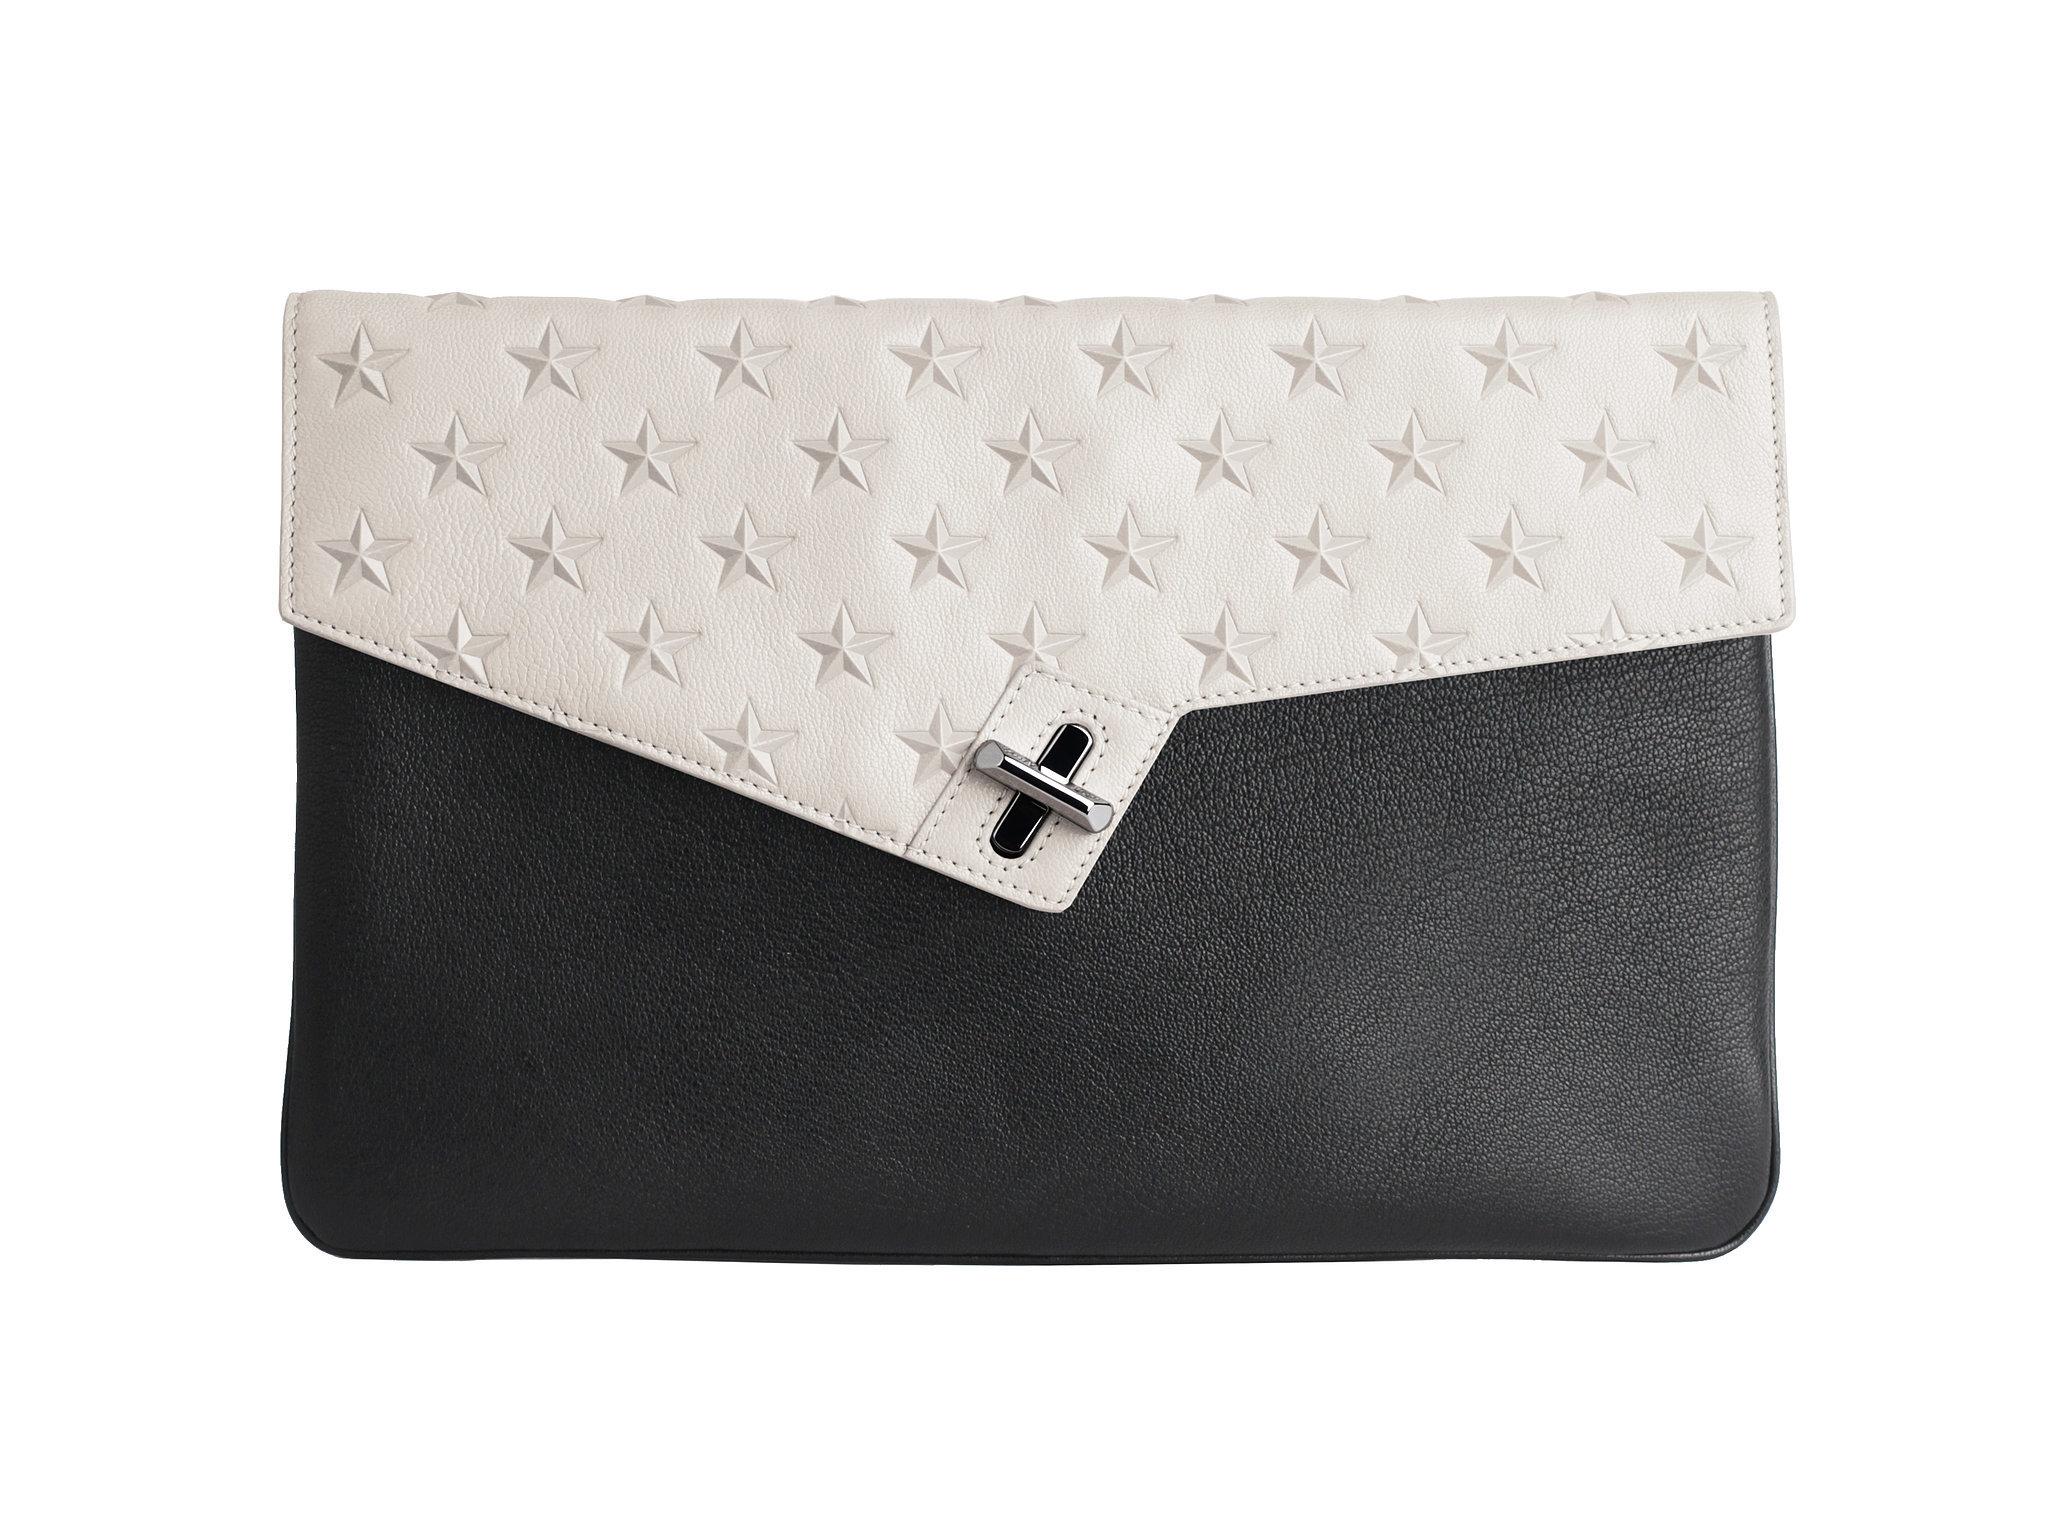 Ela Handbags x Club Monaco